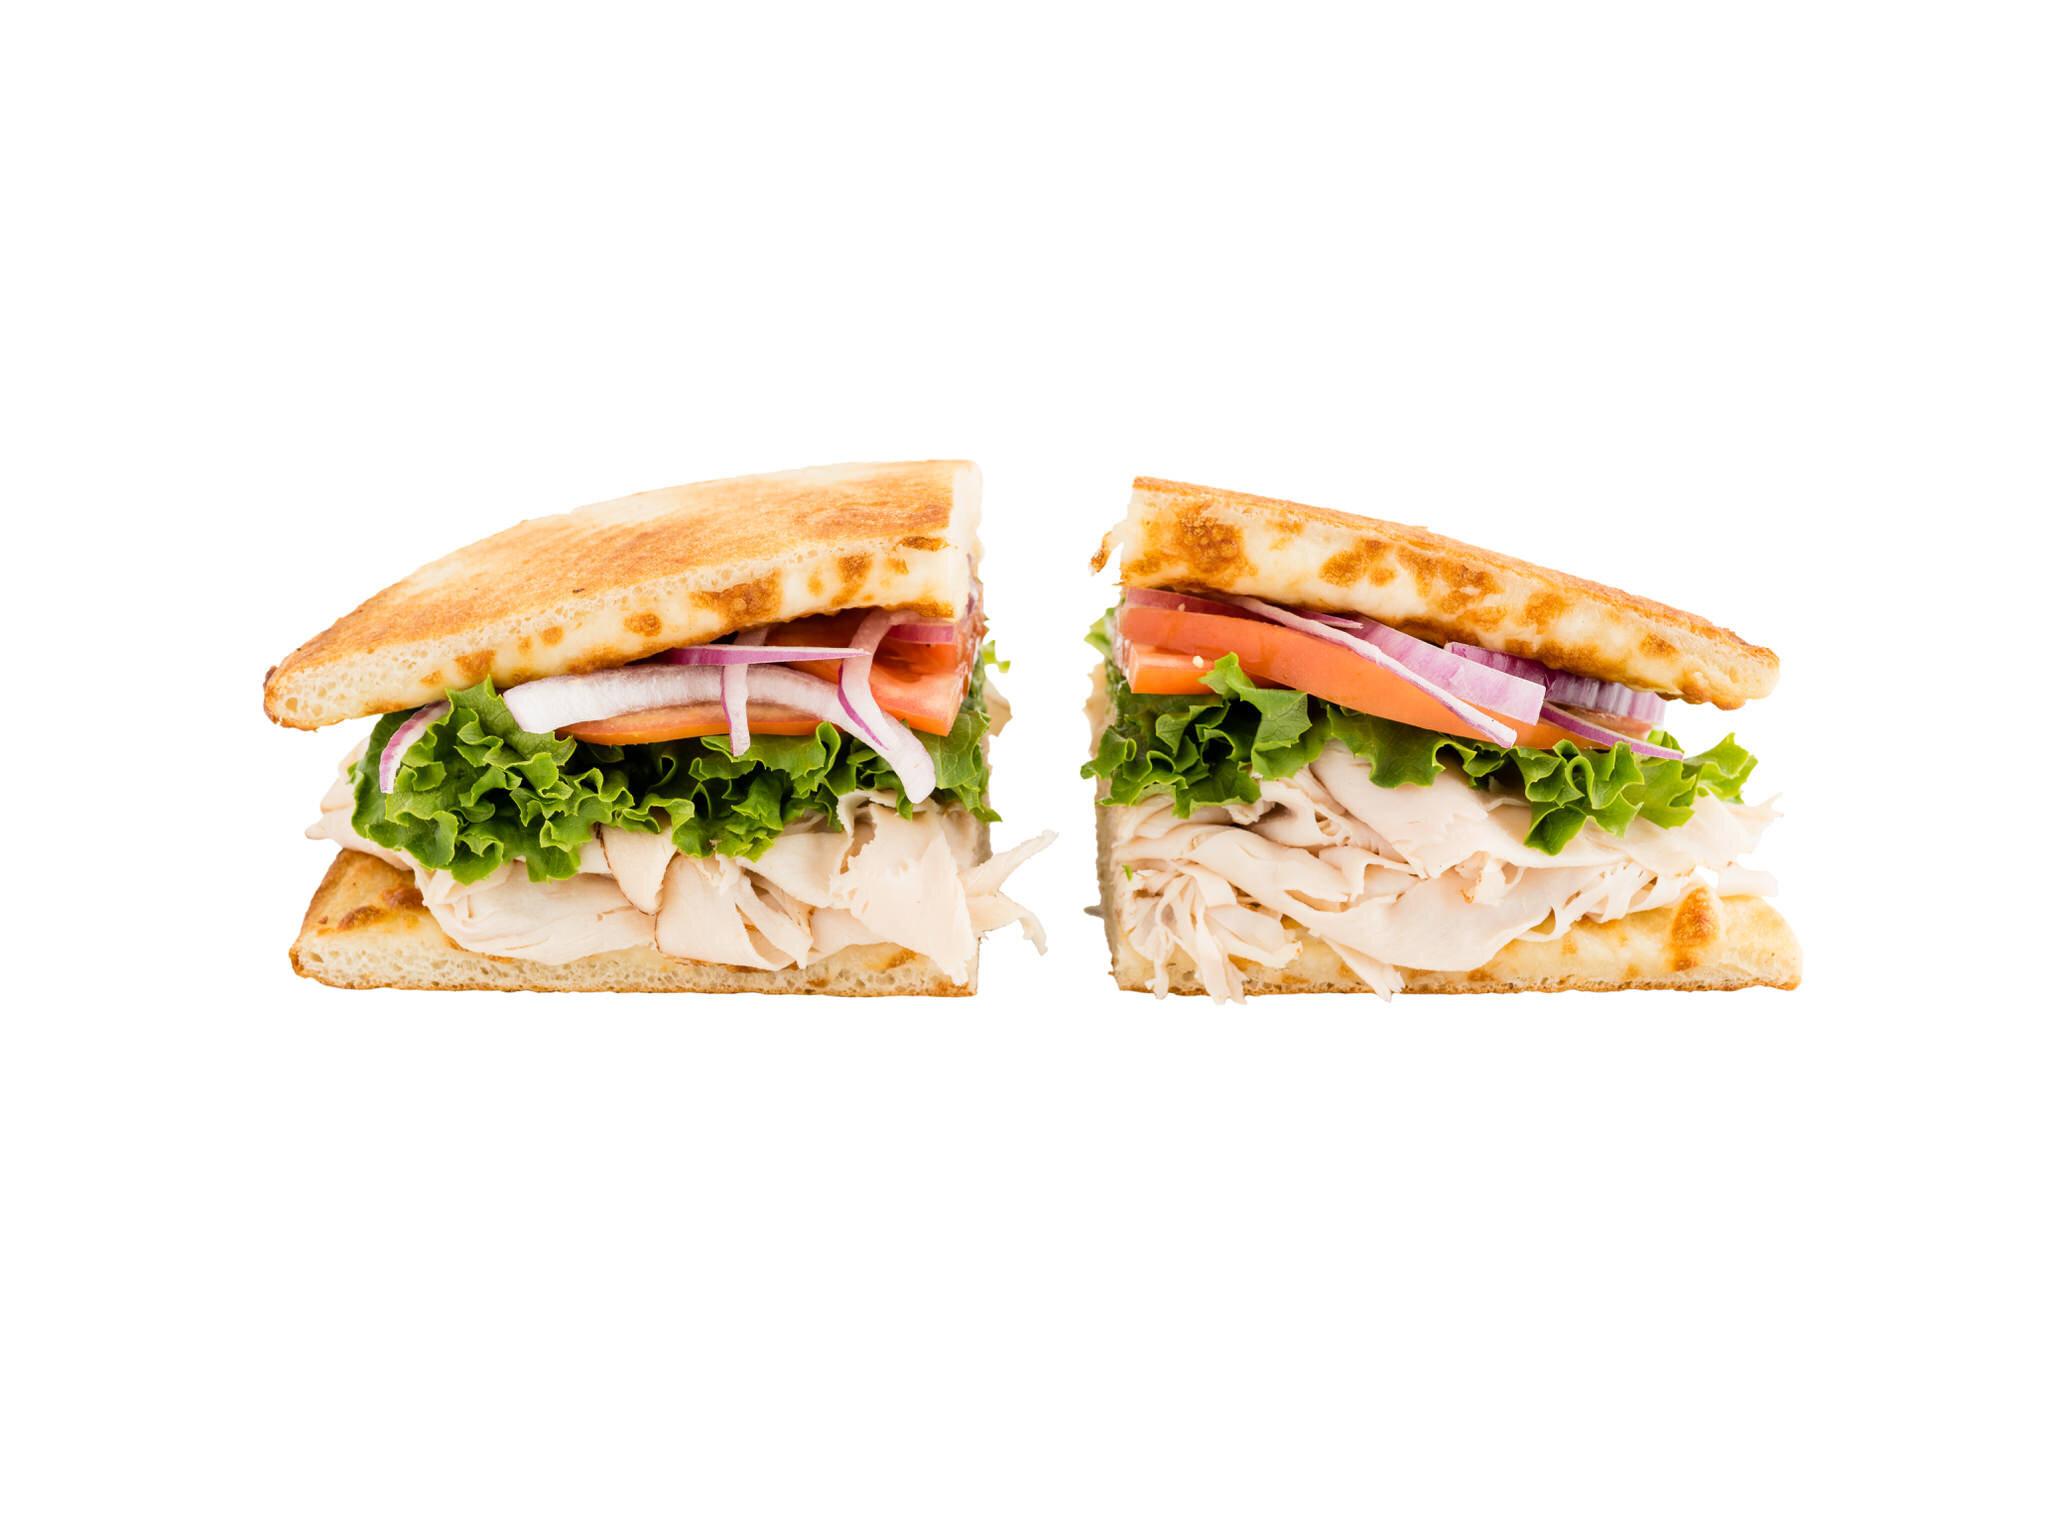 Turkey And Cheese Panini-1.jpg